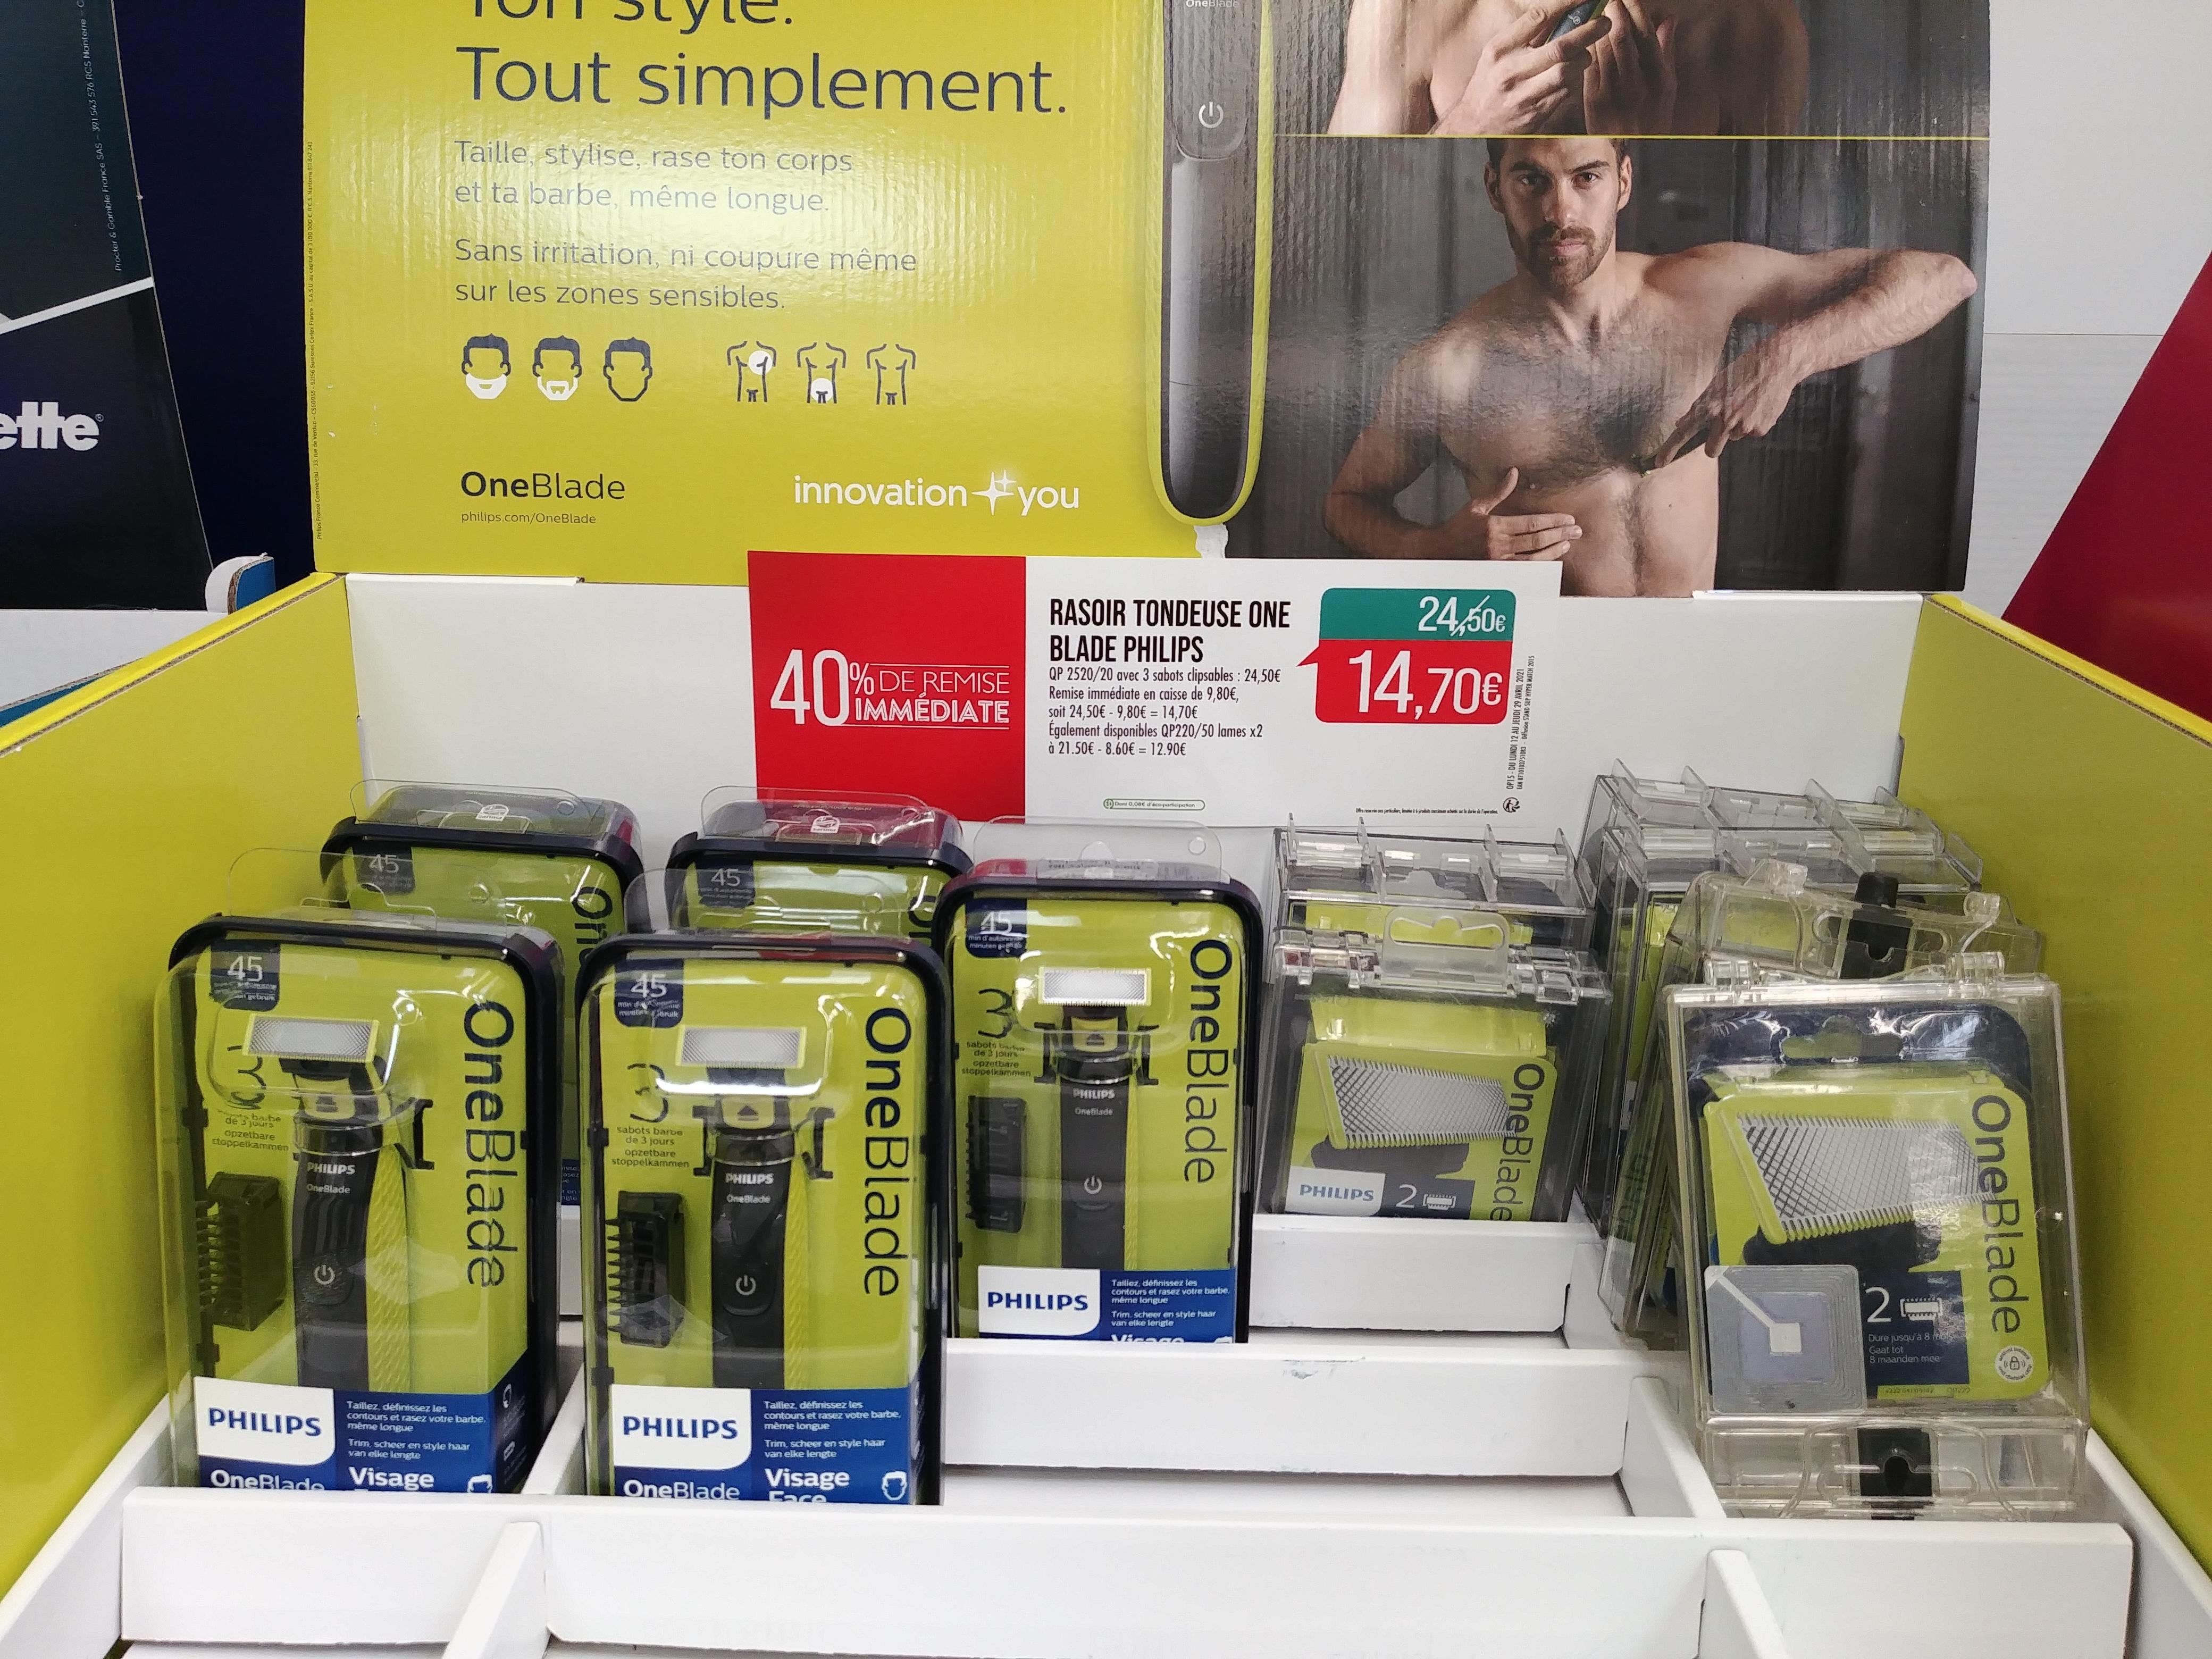 Tondeuse visage Philips Oneblade QP2520/20 (avec 1 lame + 3 sabots) Également disponibles QP220/50 lames x2 à 12.90€